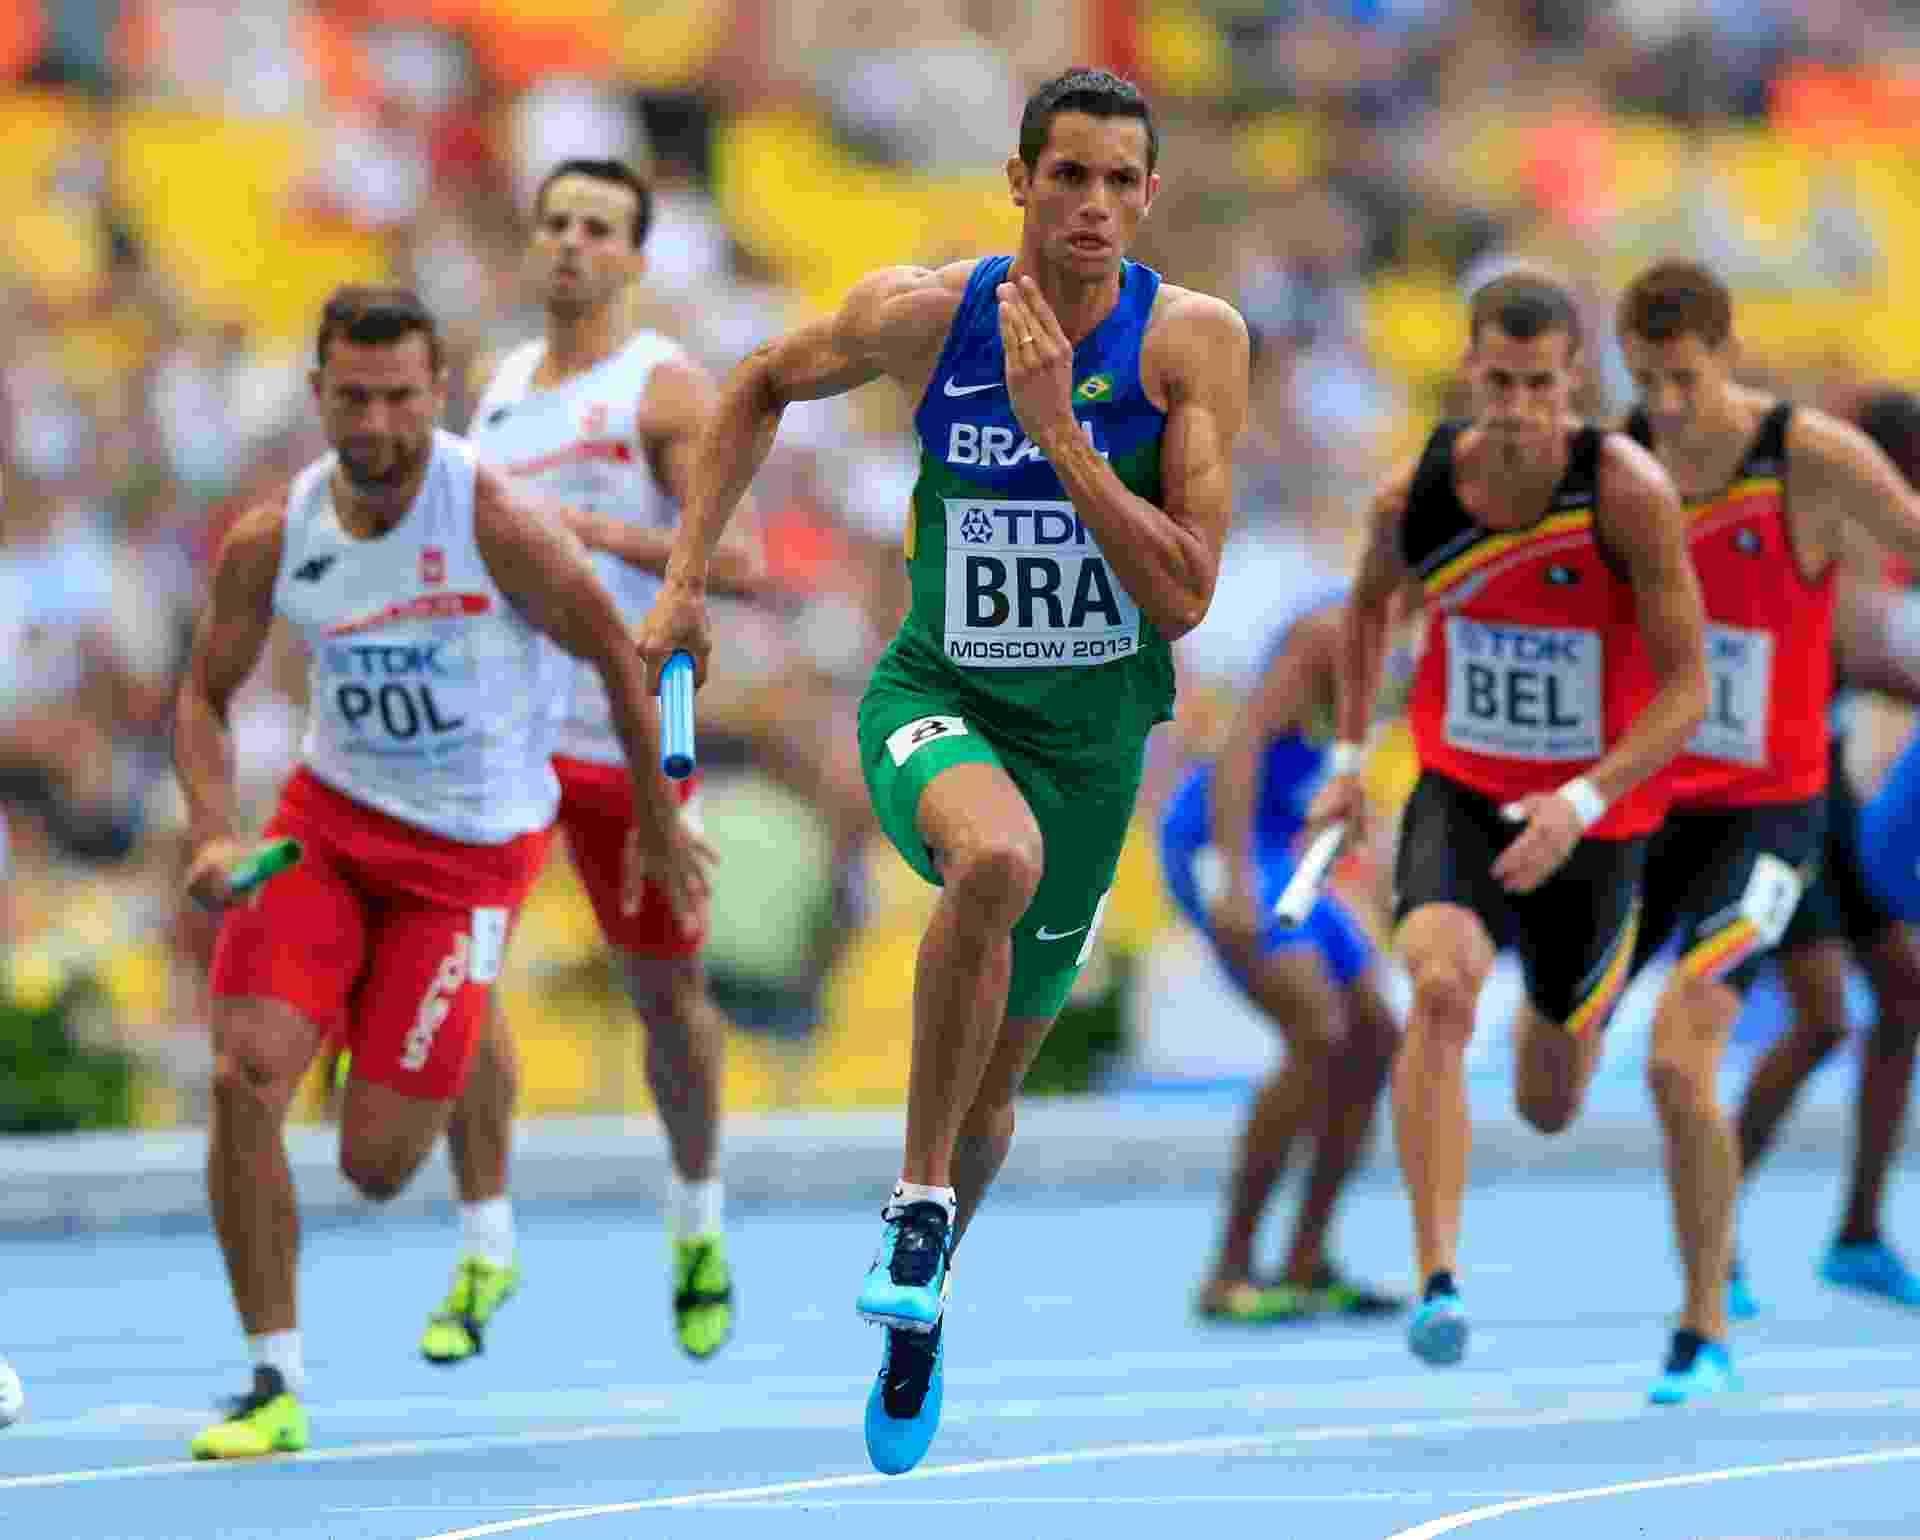 15.ago.2013 - O brasileiro Hugo de Souza compete no revezamento 4x400 m; o Brasil passou para a final com o sexto melhor tempo - Jamie Squire/Getty Images